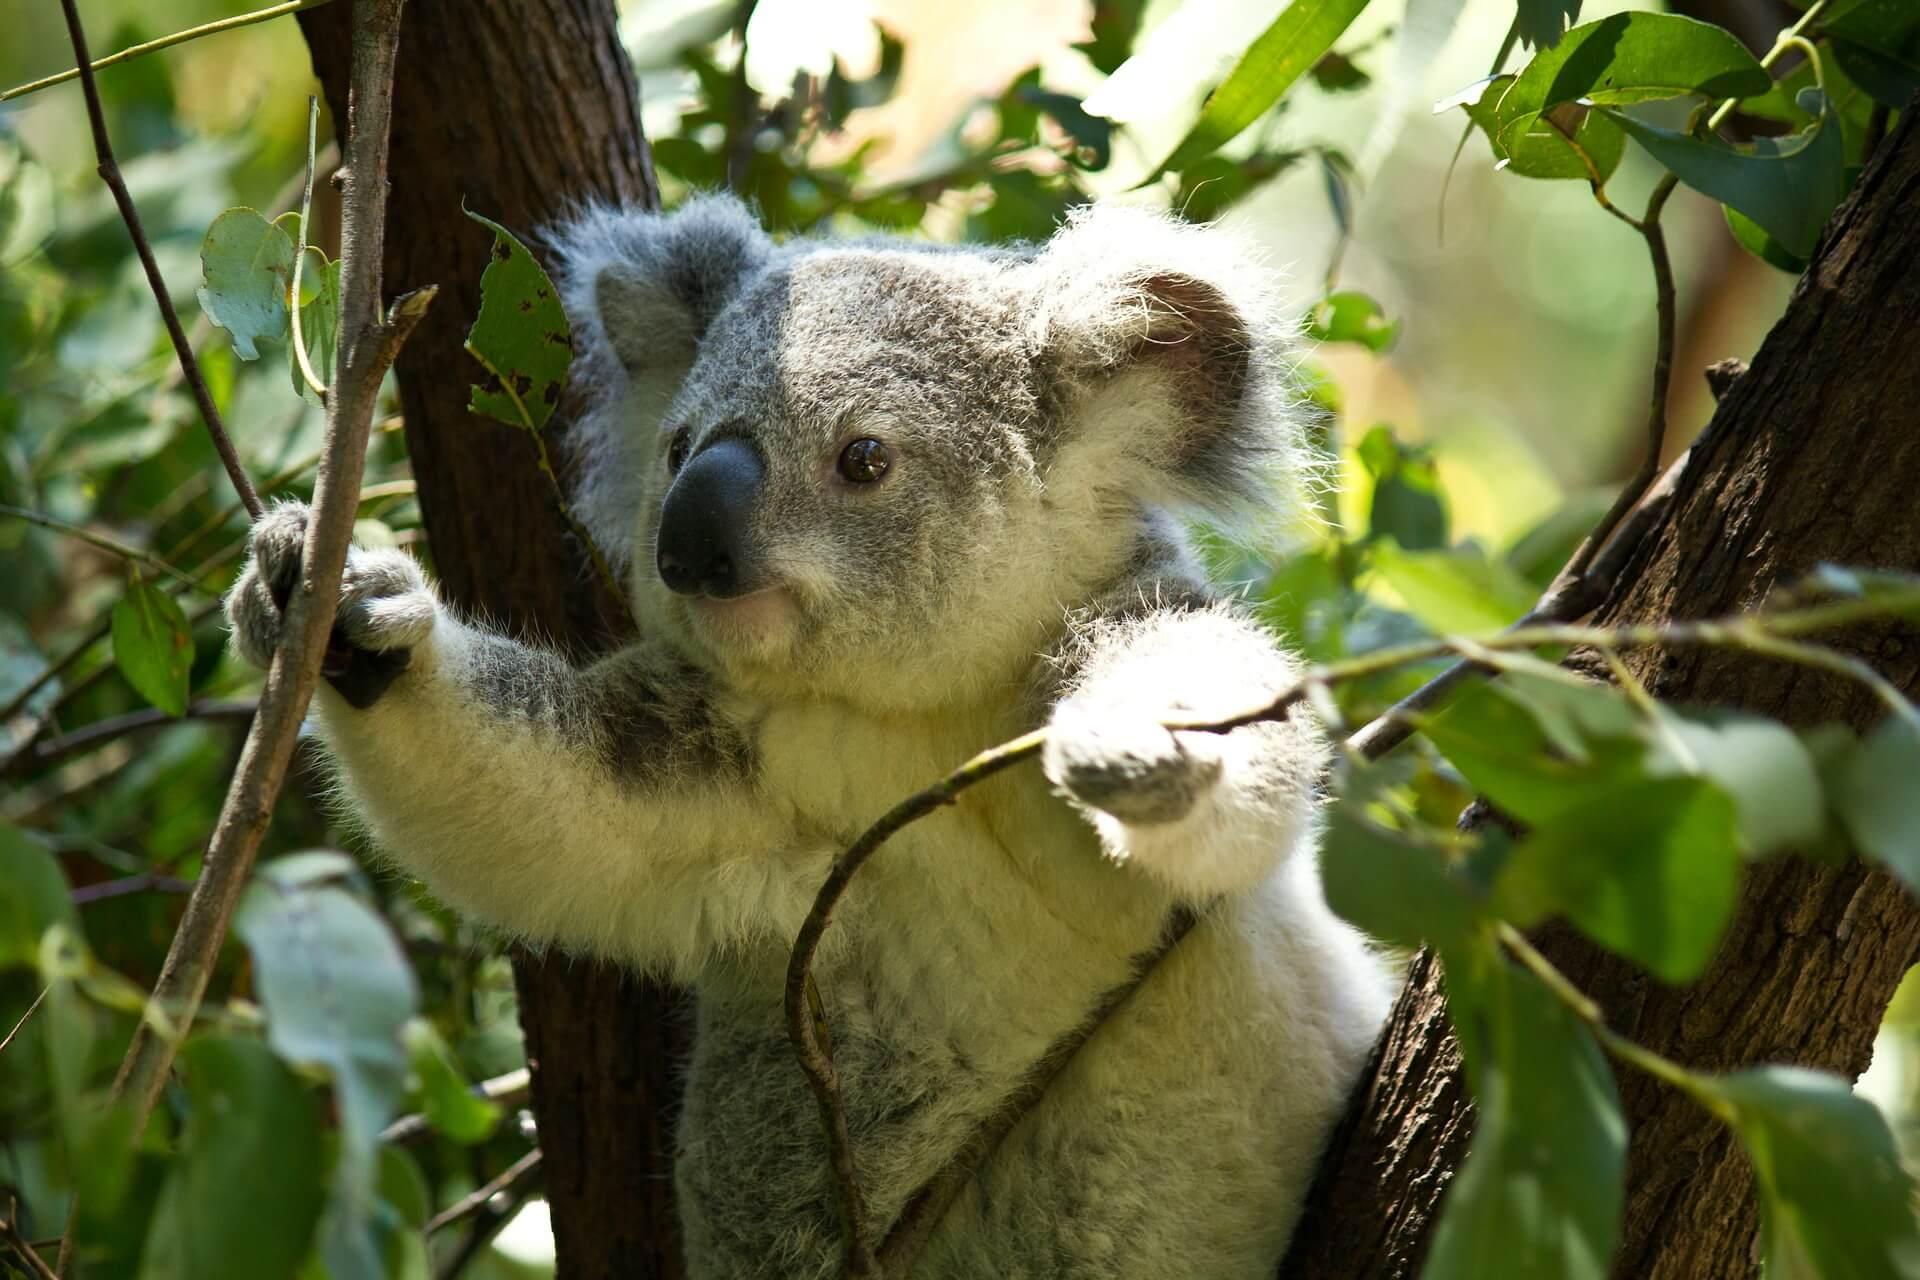 Ein süßer Koala schaut durch die Blätter eines Baumes